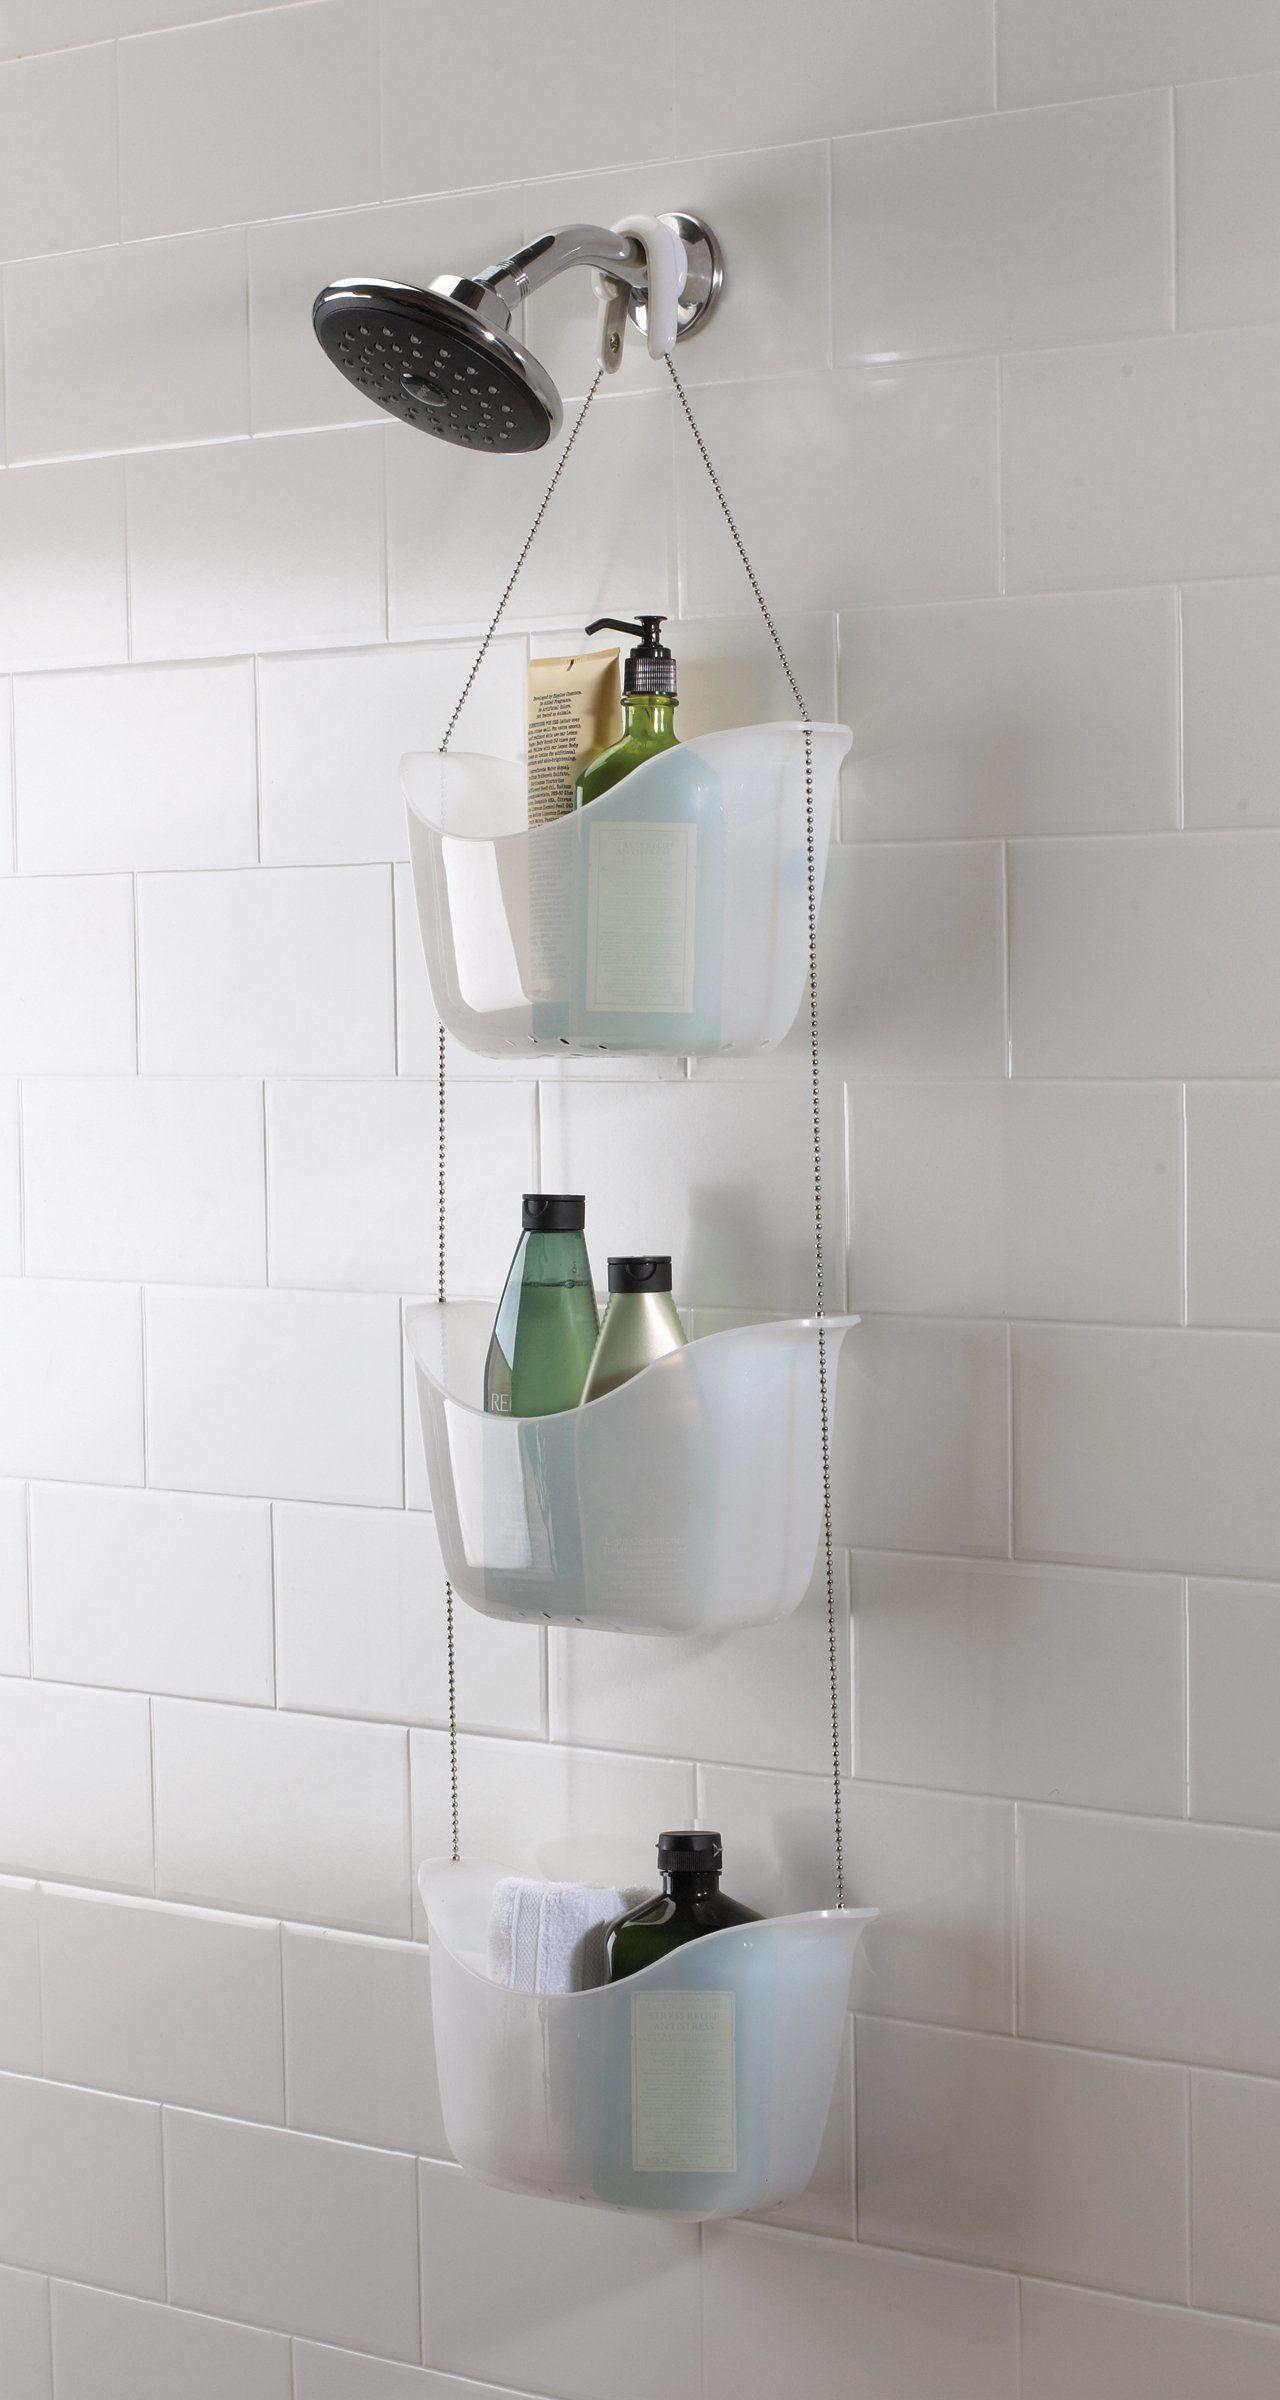 Umbra 022360-670 Bask Shower Caddy Trans, white / nickel   Wohnen ...